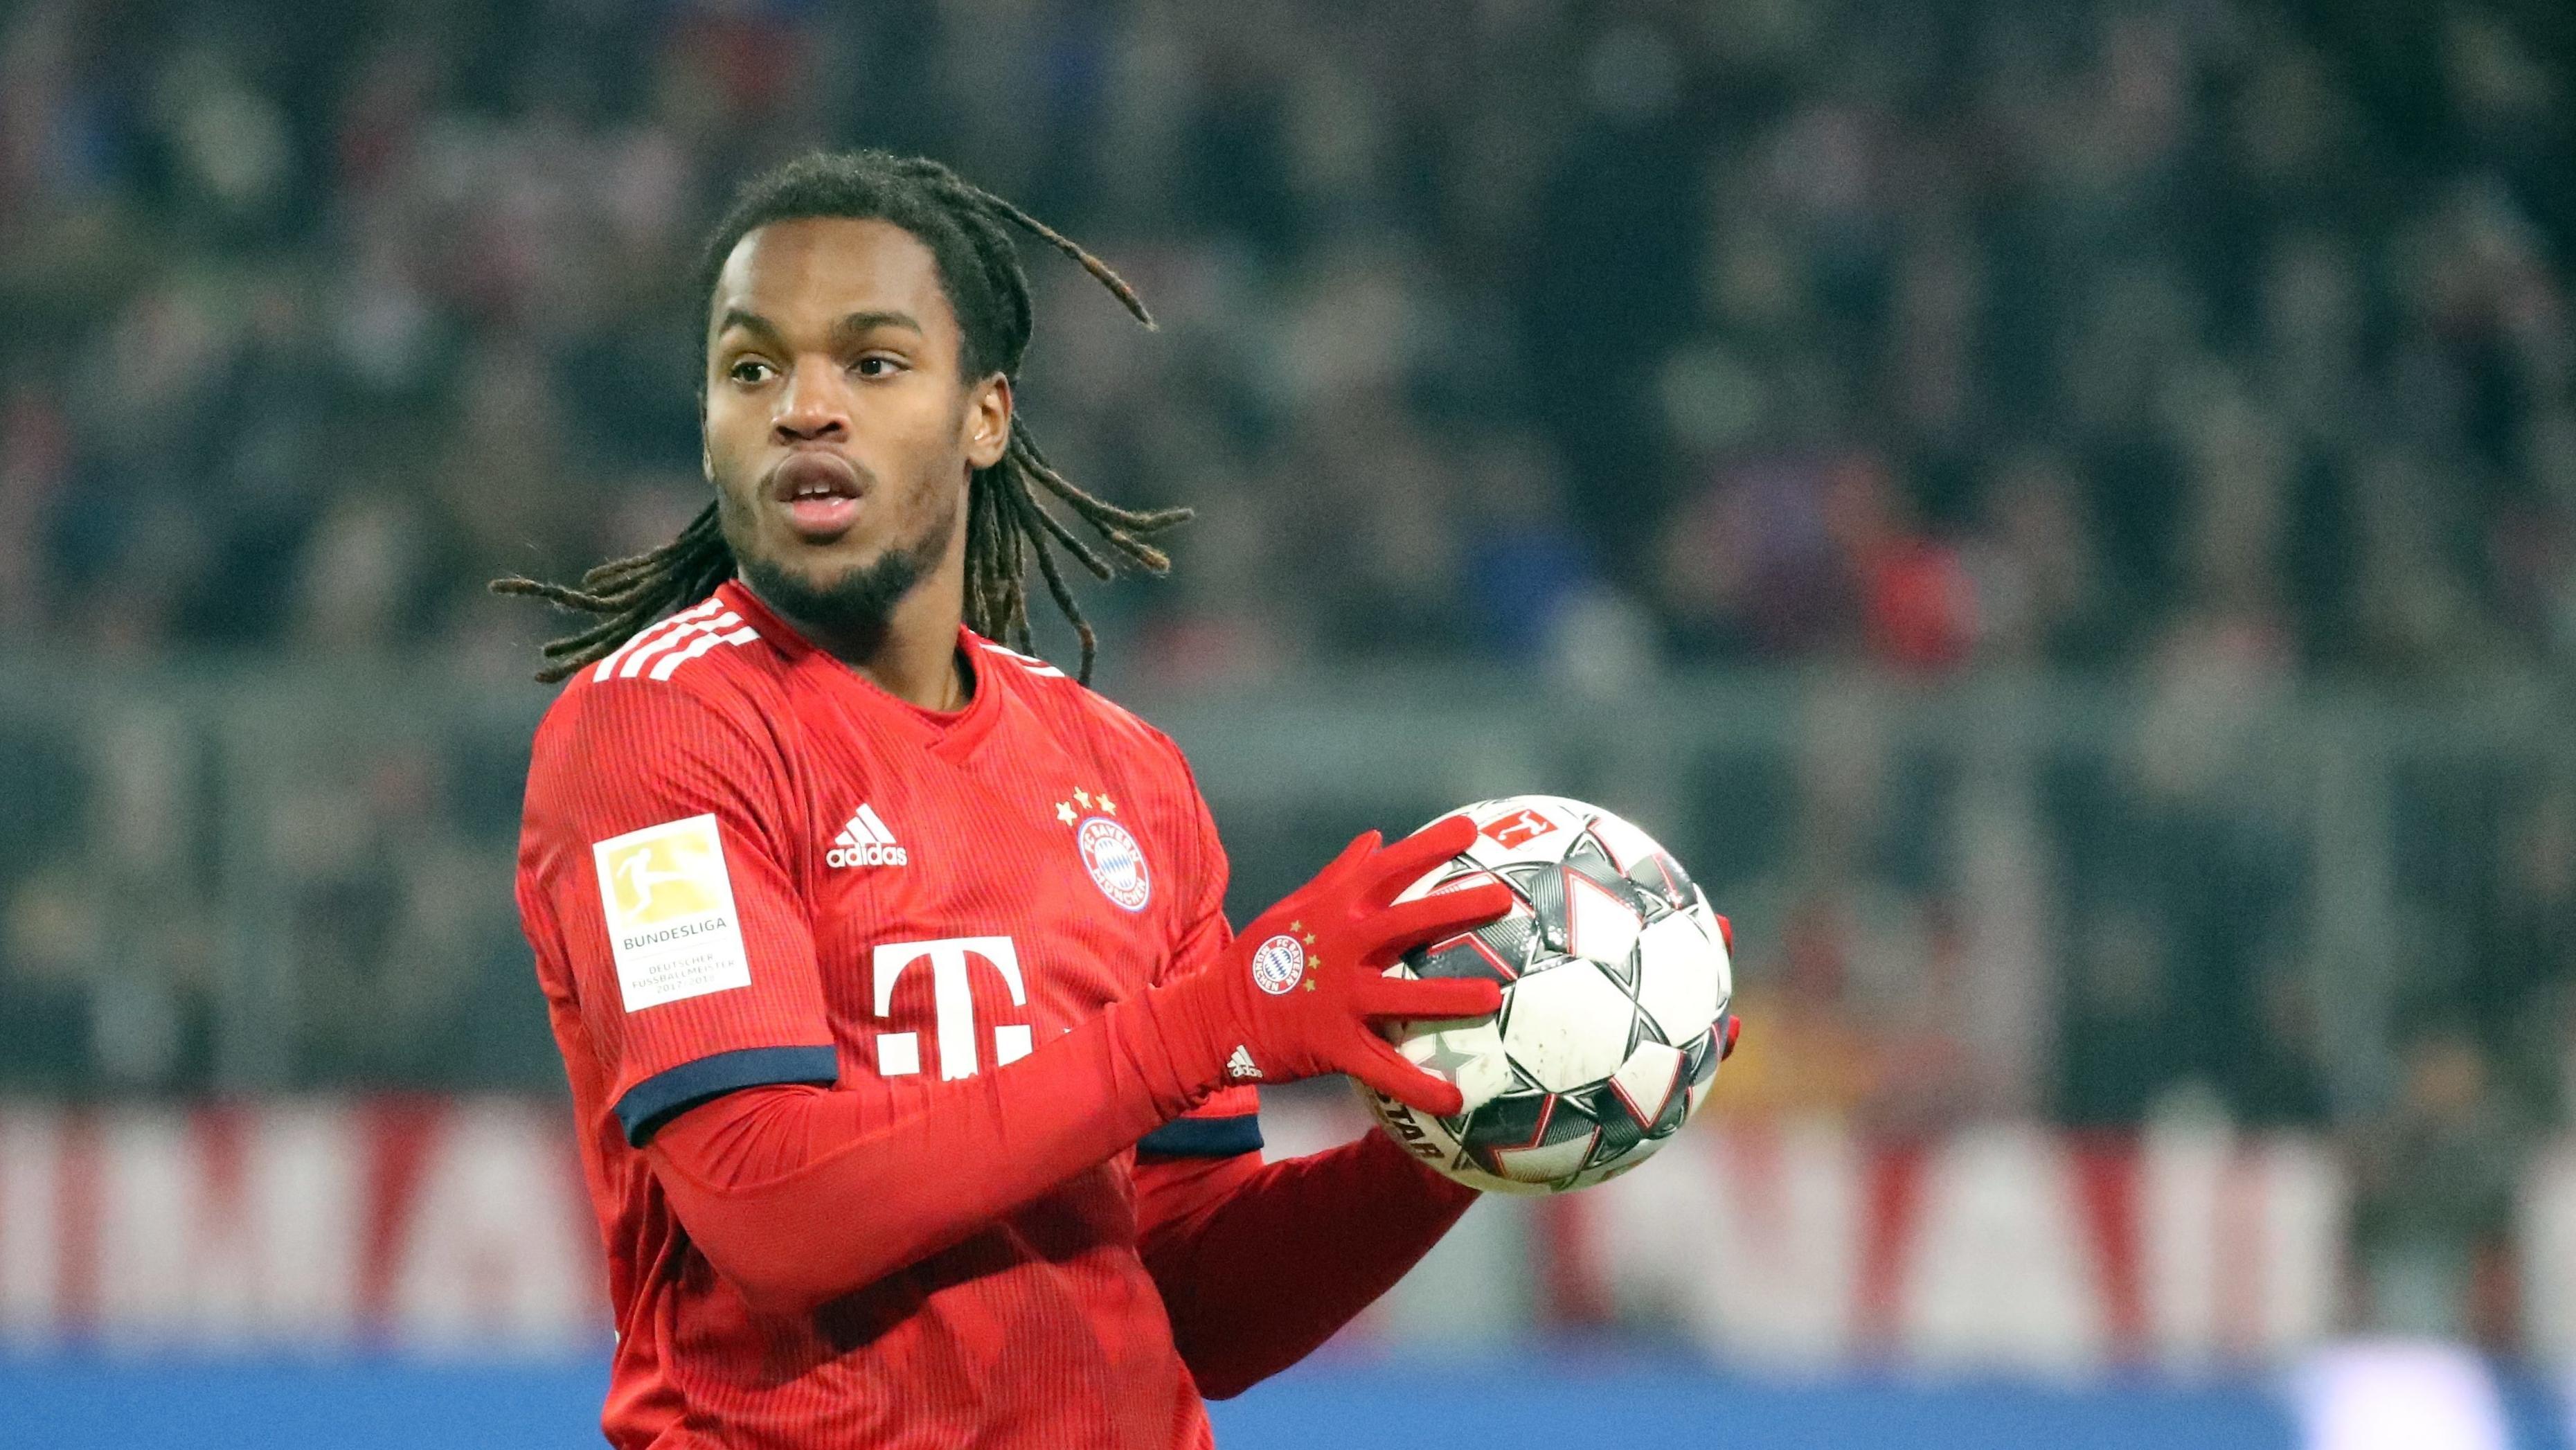 Bayern-Profi Renato Sanches beim Einwurf